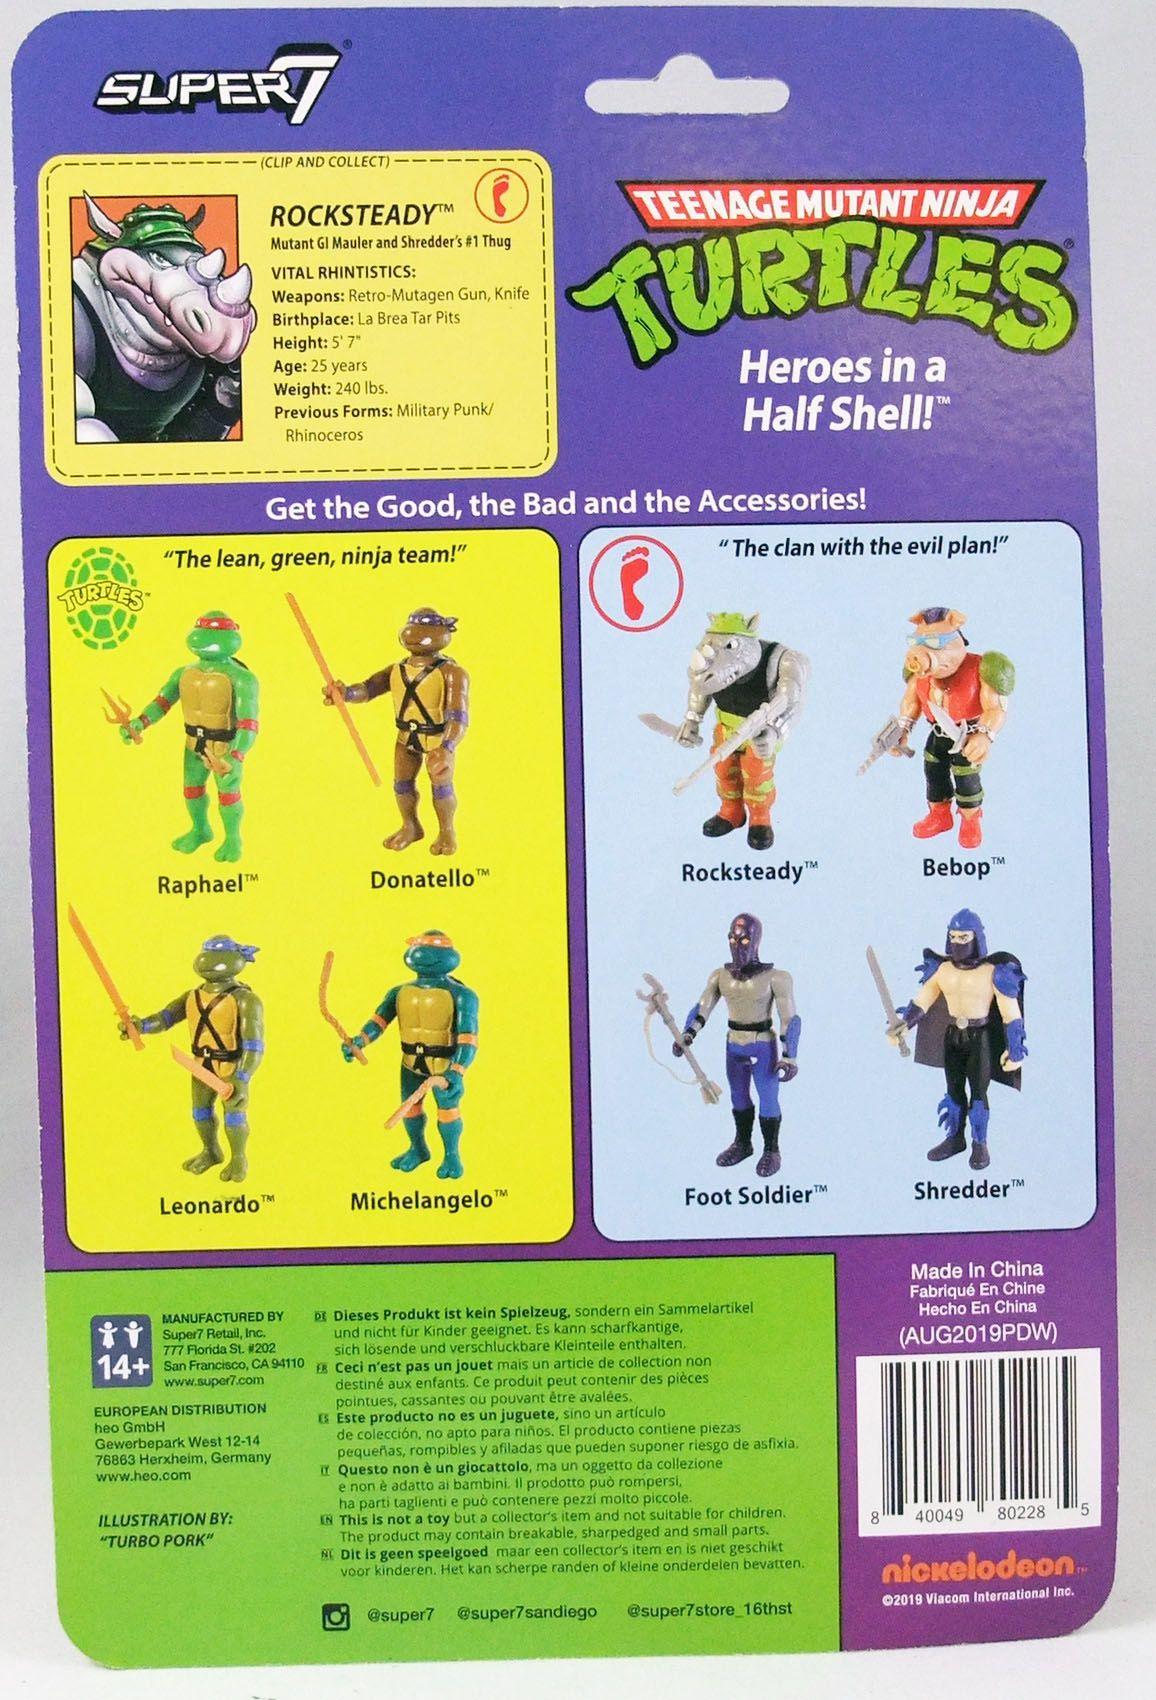 Teenage Mutant Ninja Turtles - Super7 ReAction Figures - Rocksteady